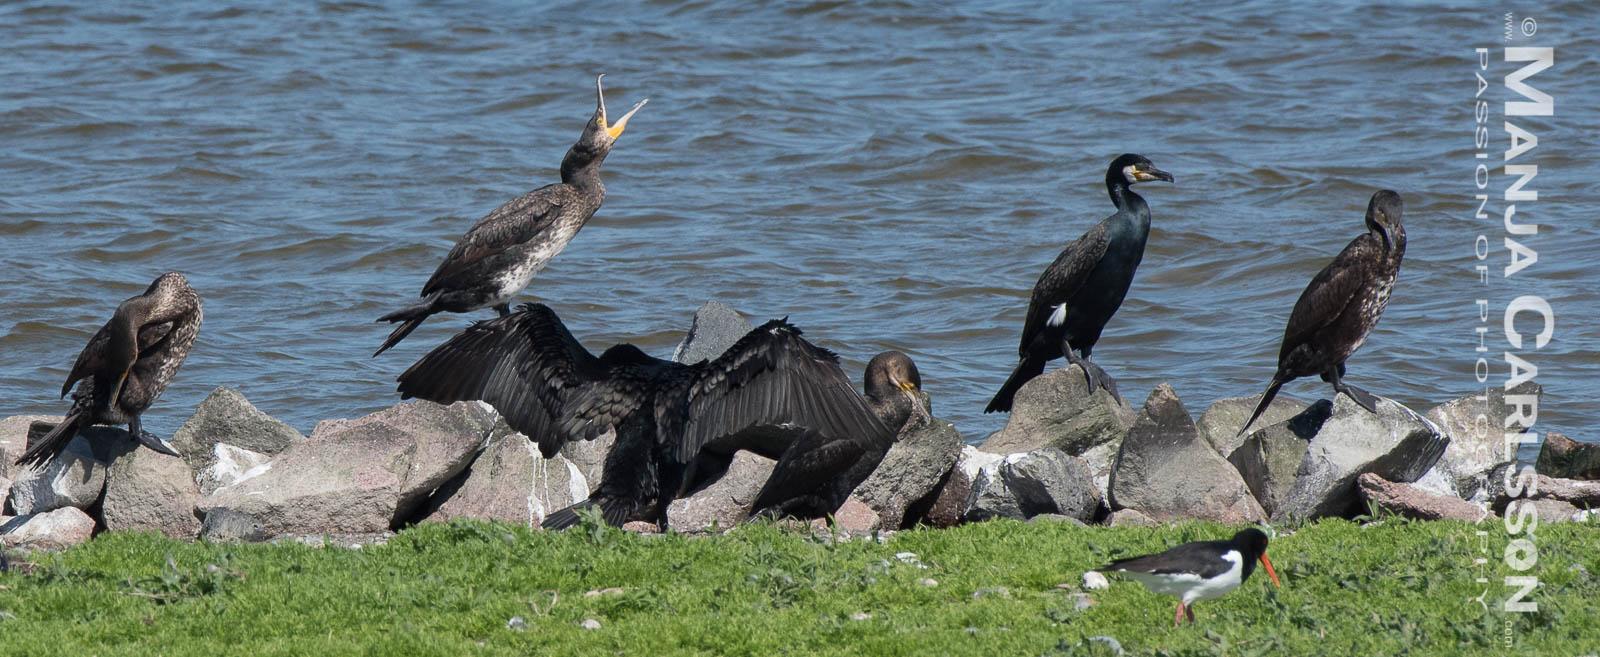 Kormorane an Land mit Austernfischer